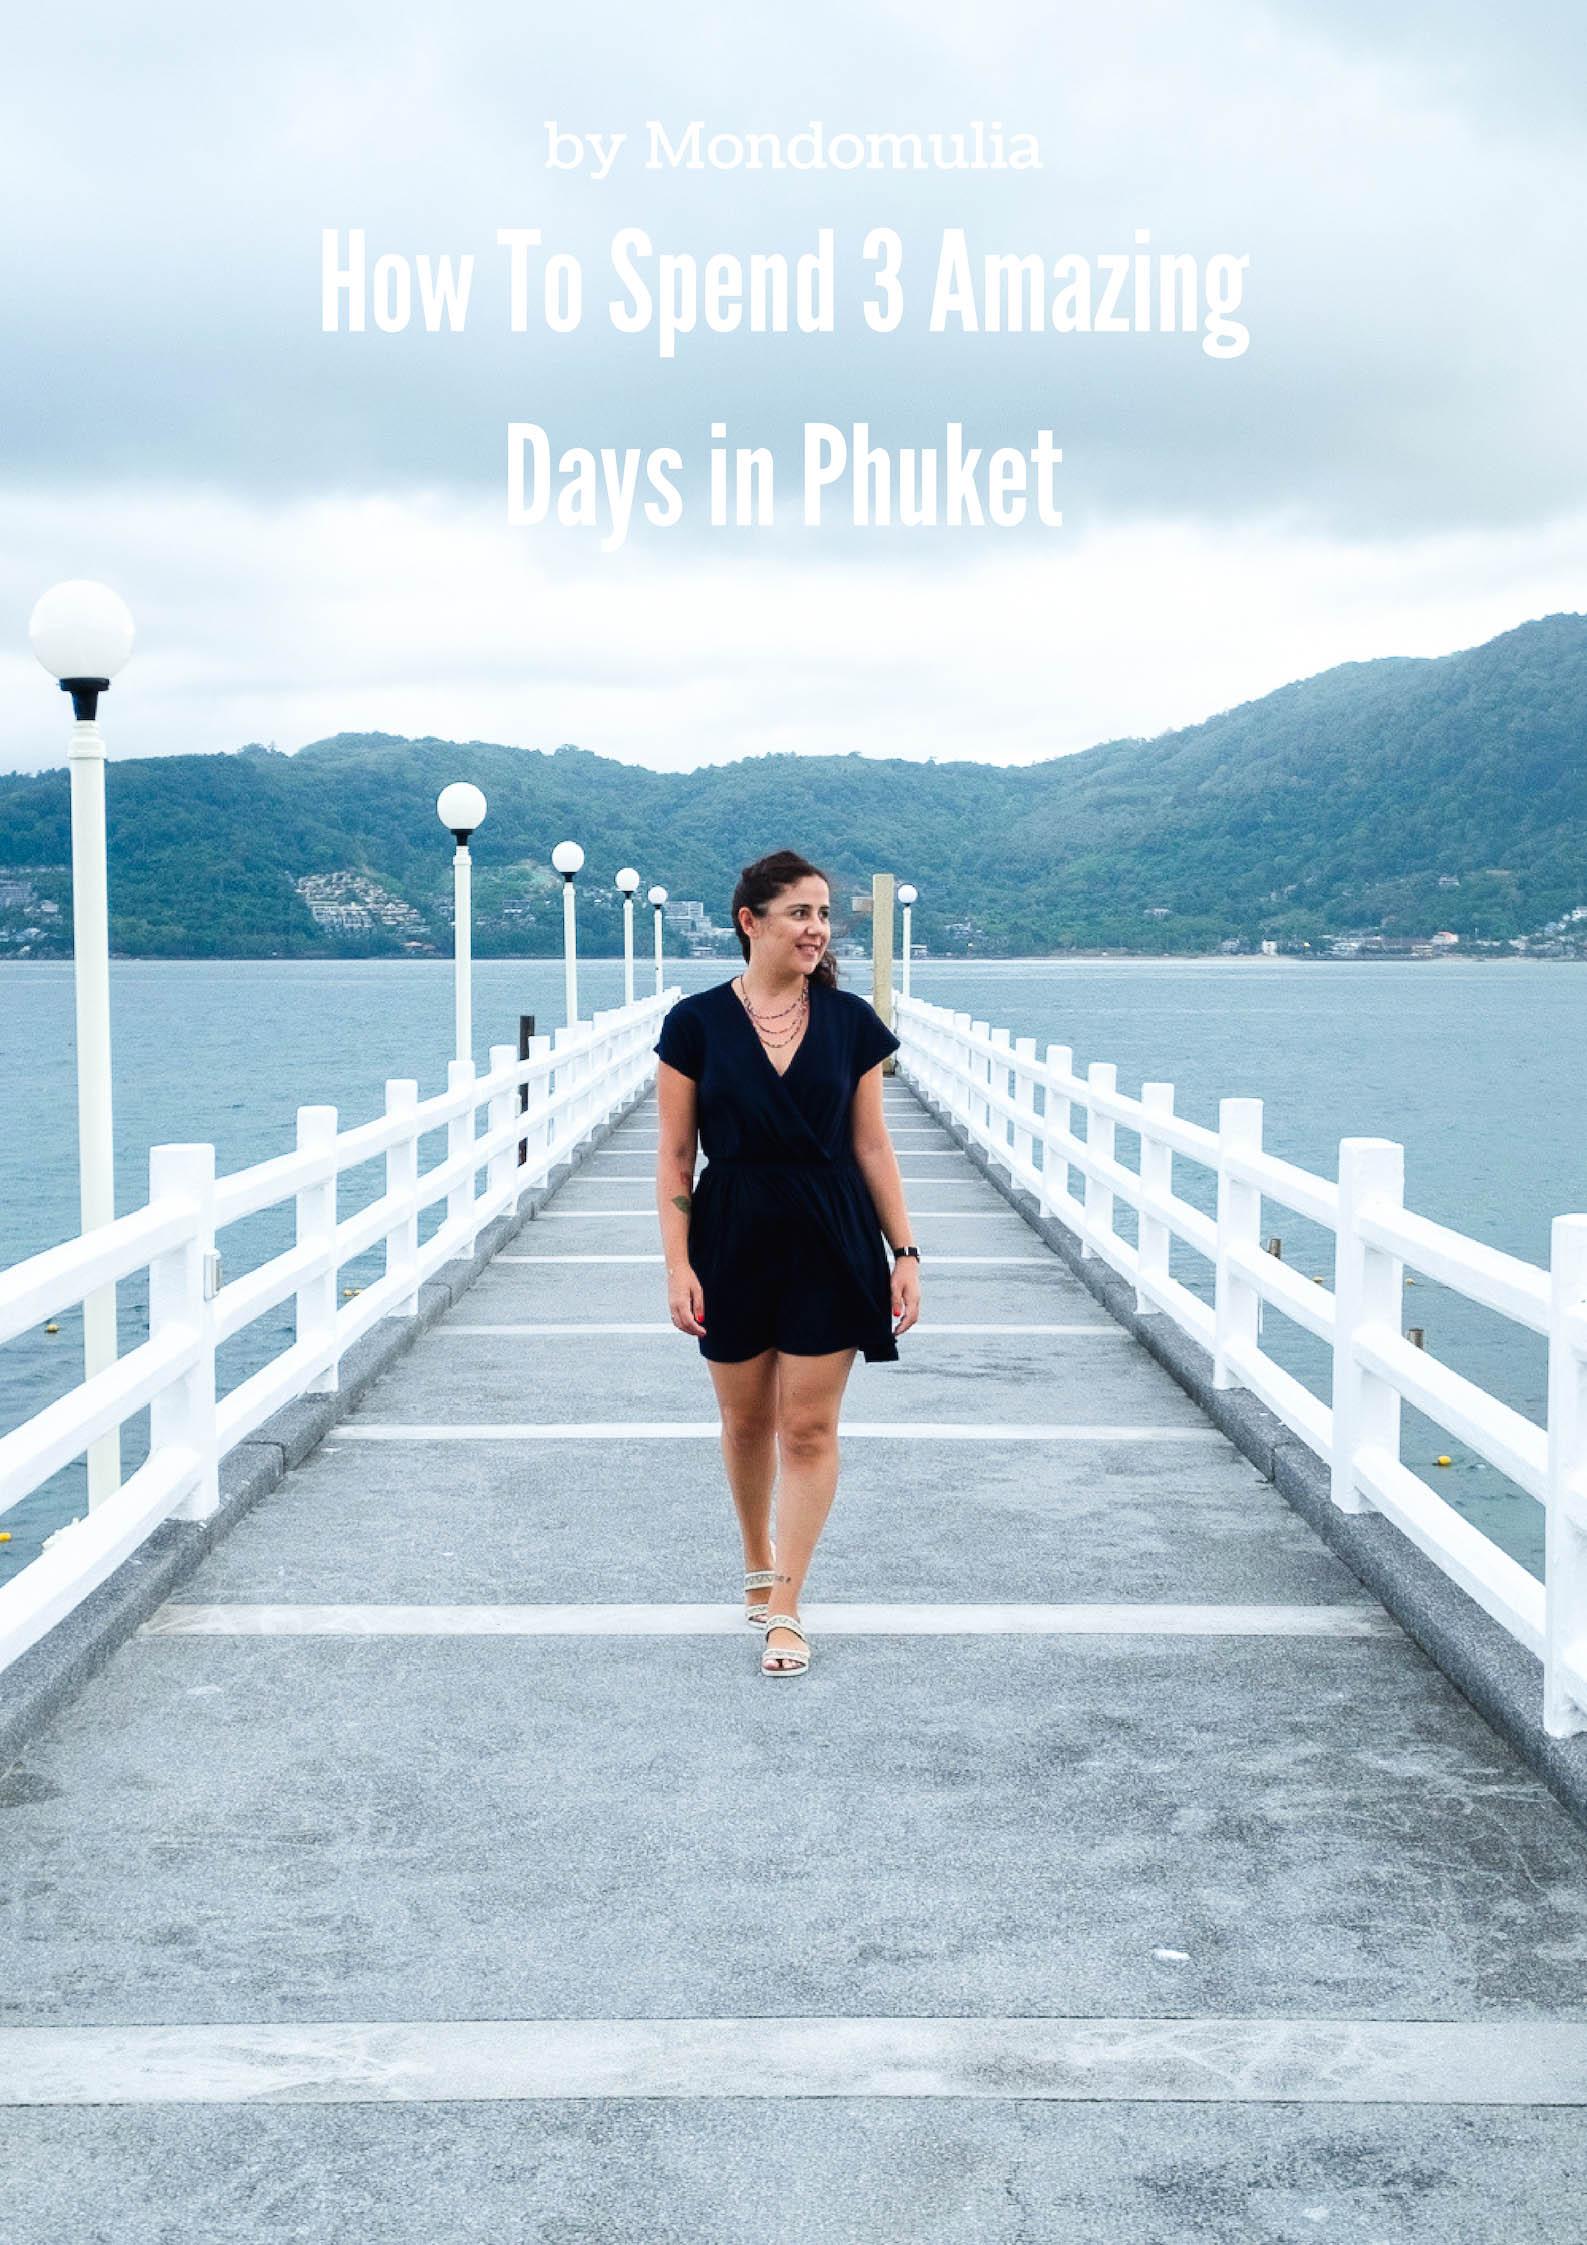 The Jetty at Amari Phuket resort in Patong, Phuket, Thailand | How To Spend 3 Amazing Days in Phuket by Mondomulia